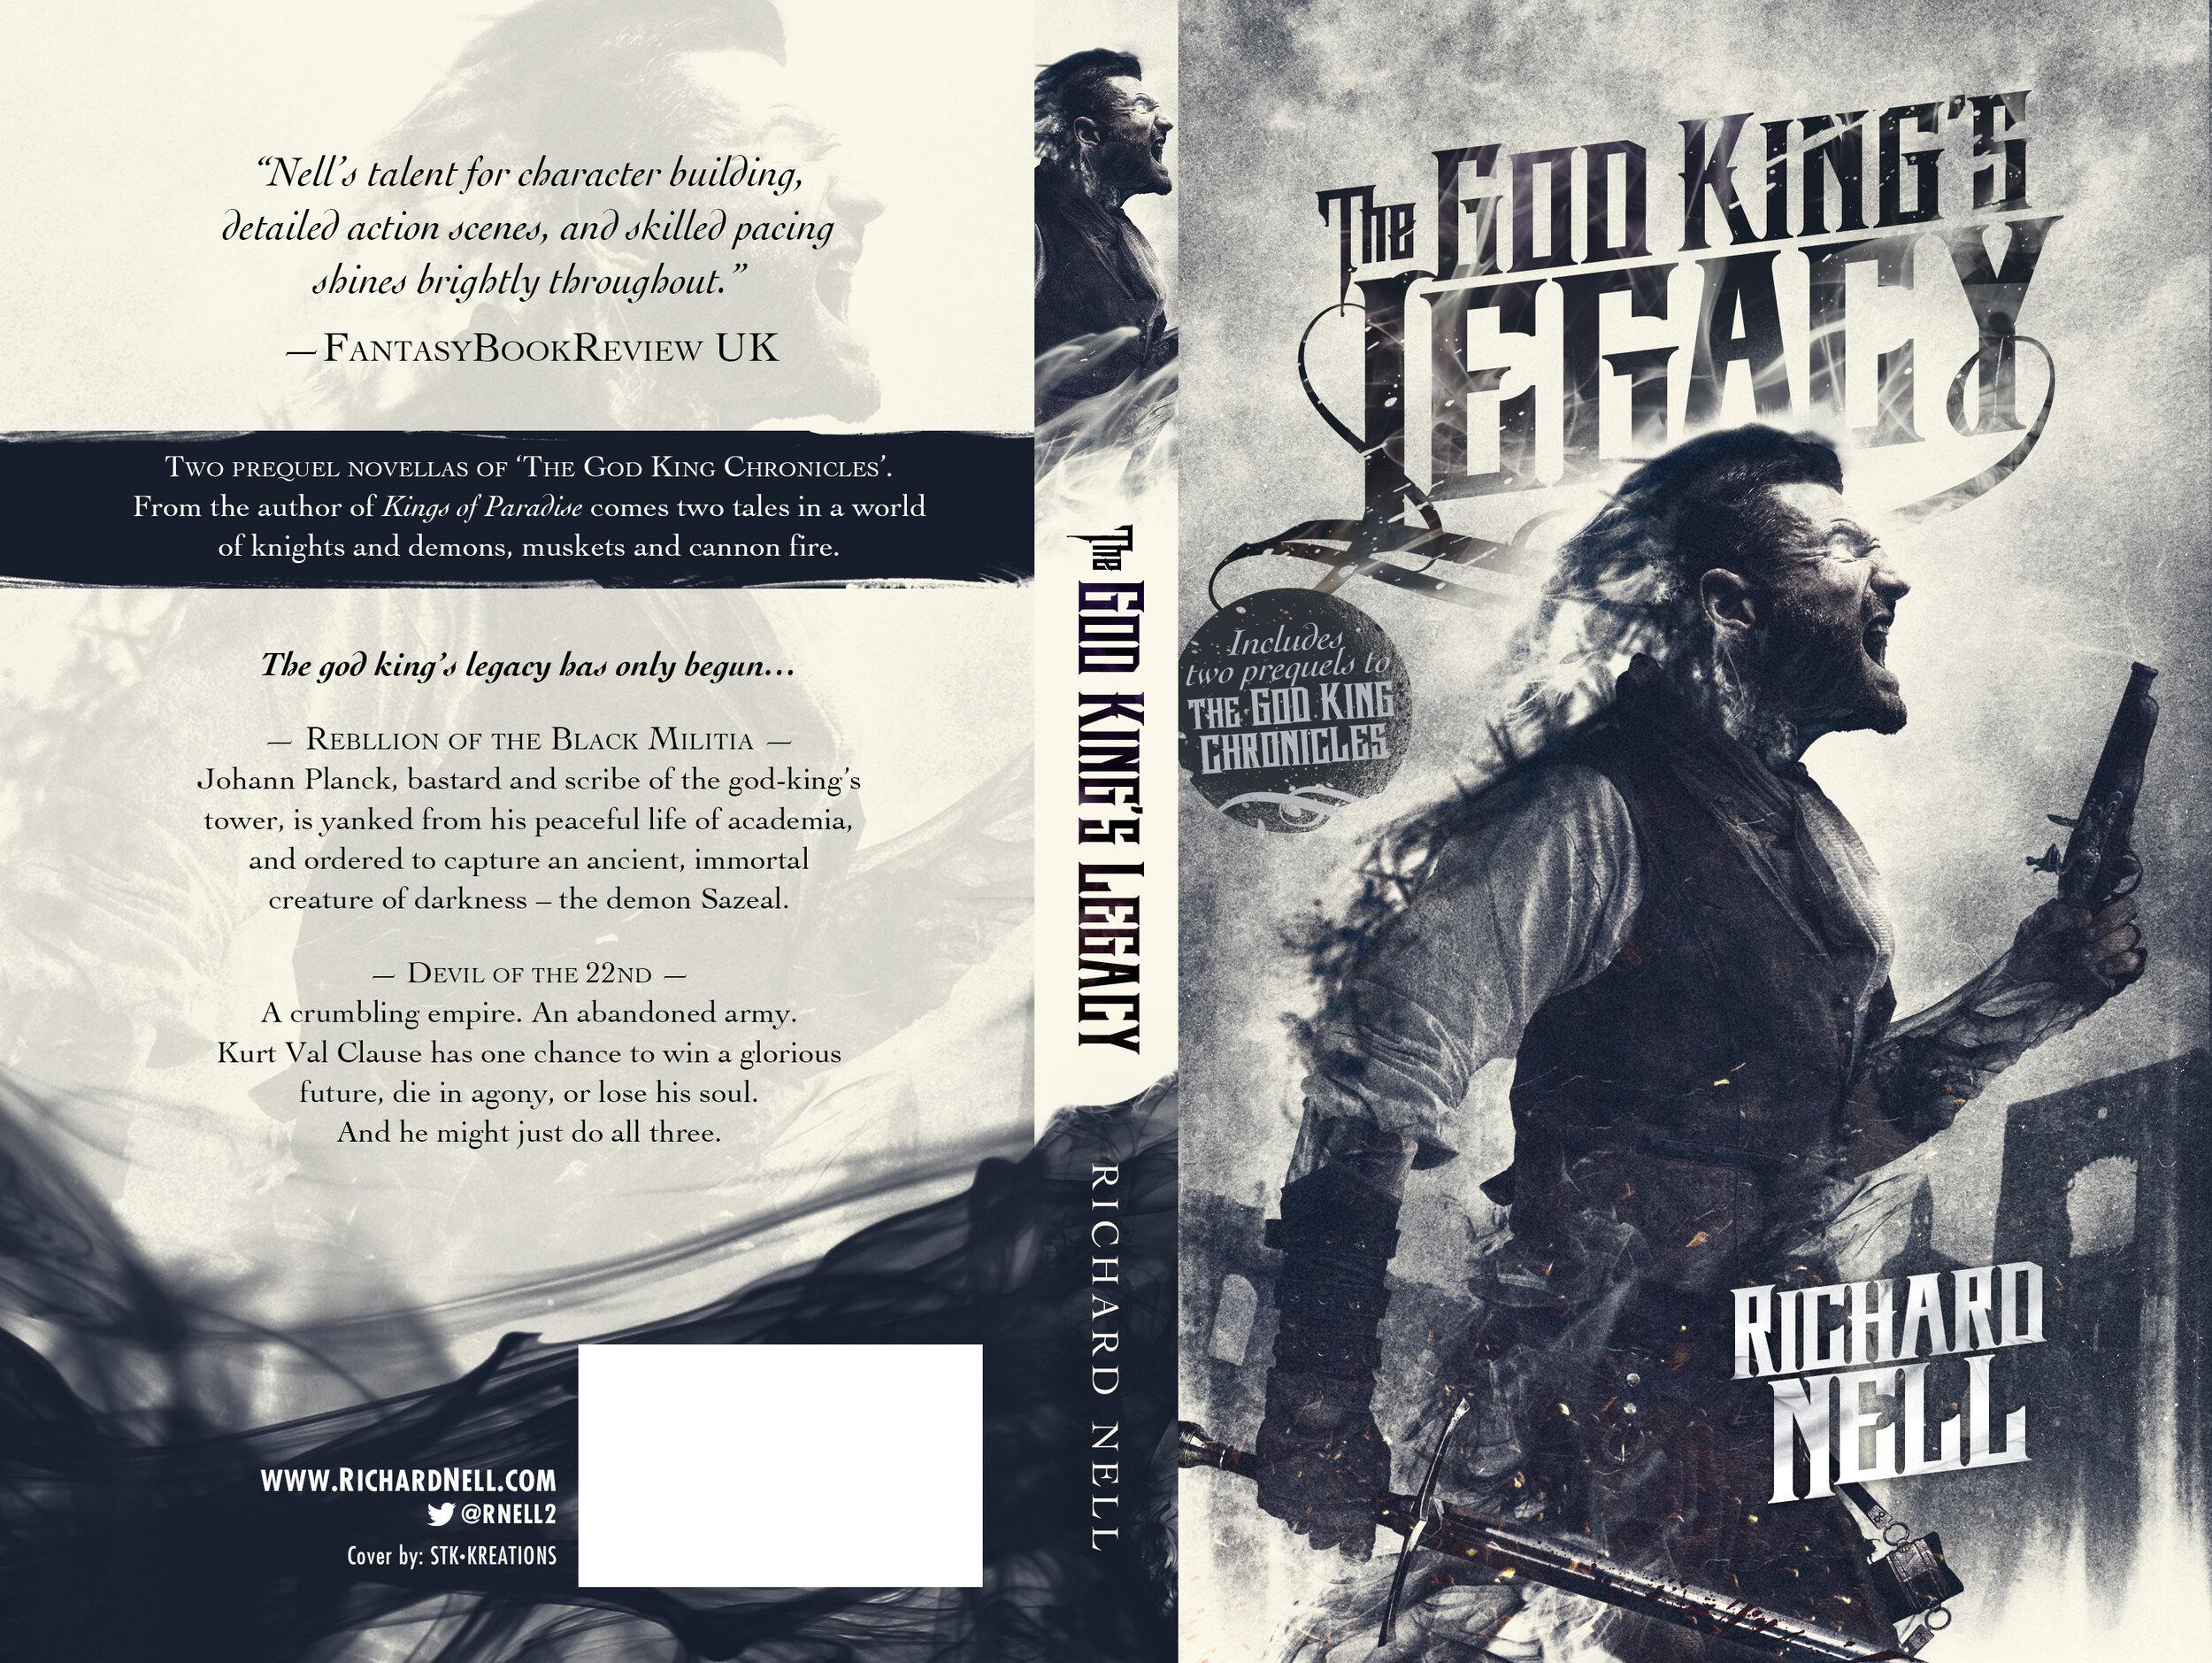 God_Kings_Legacy-Cover_290.jpg